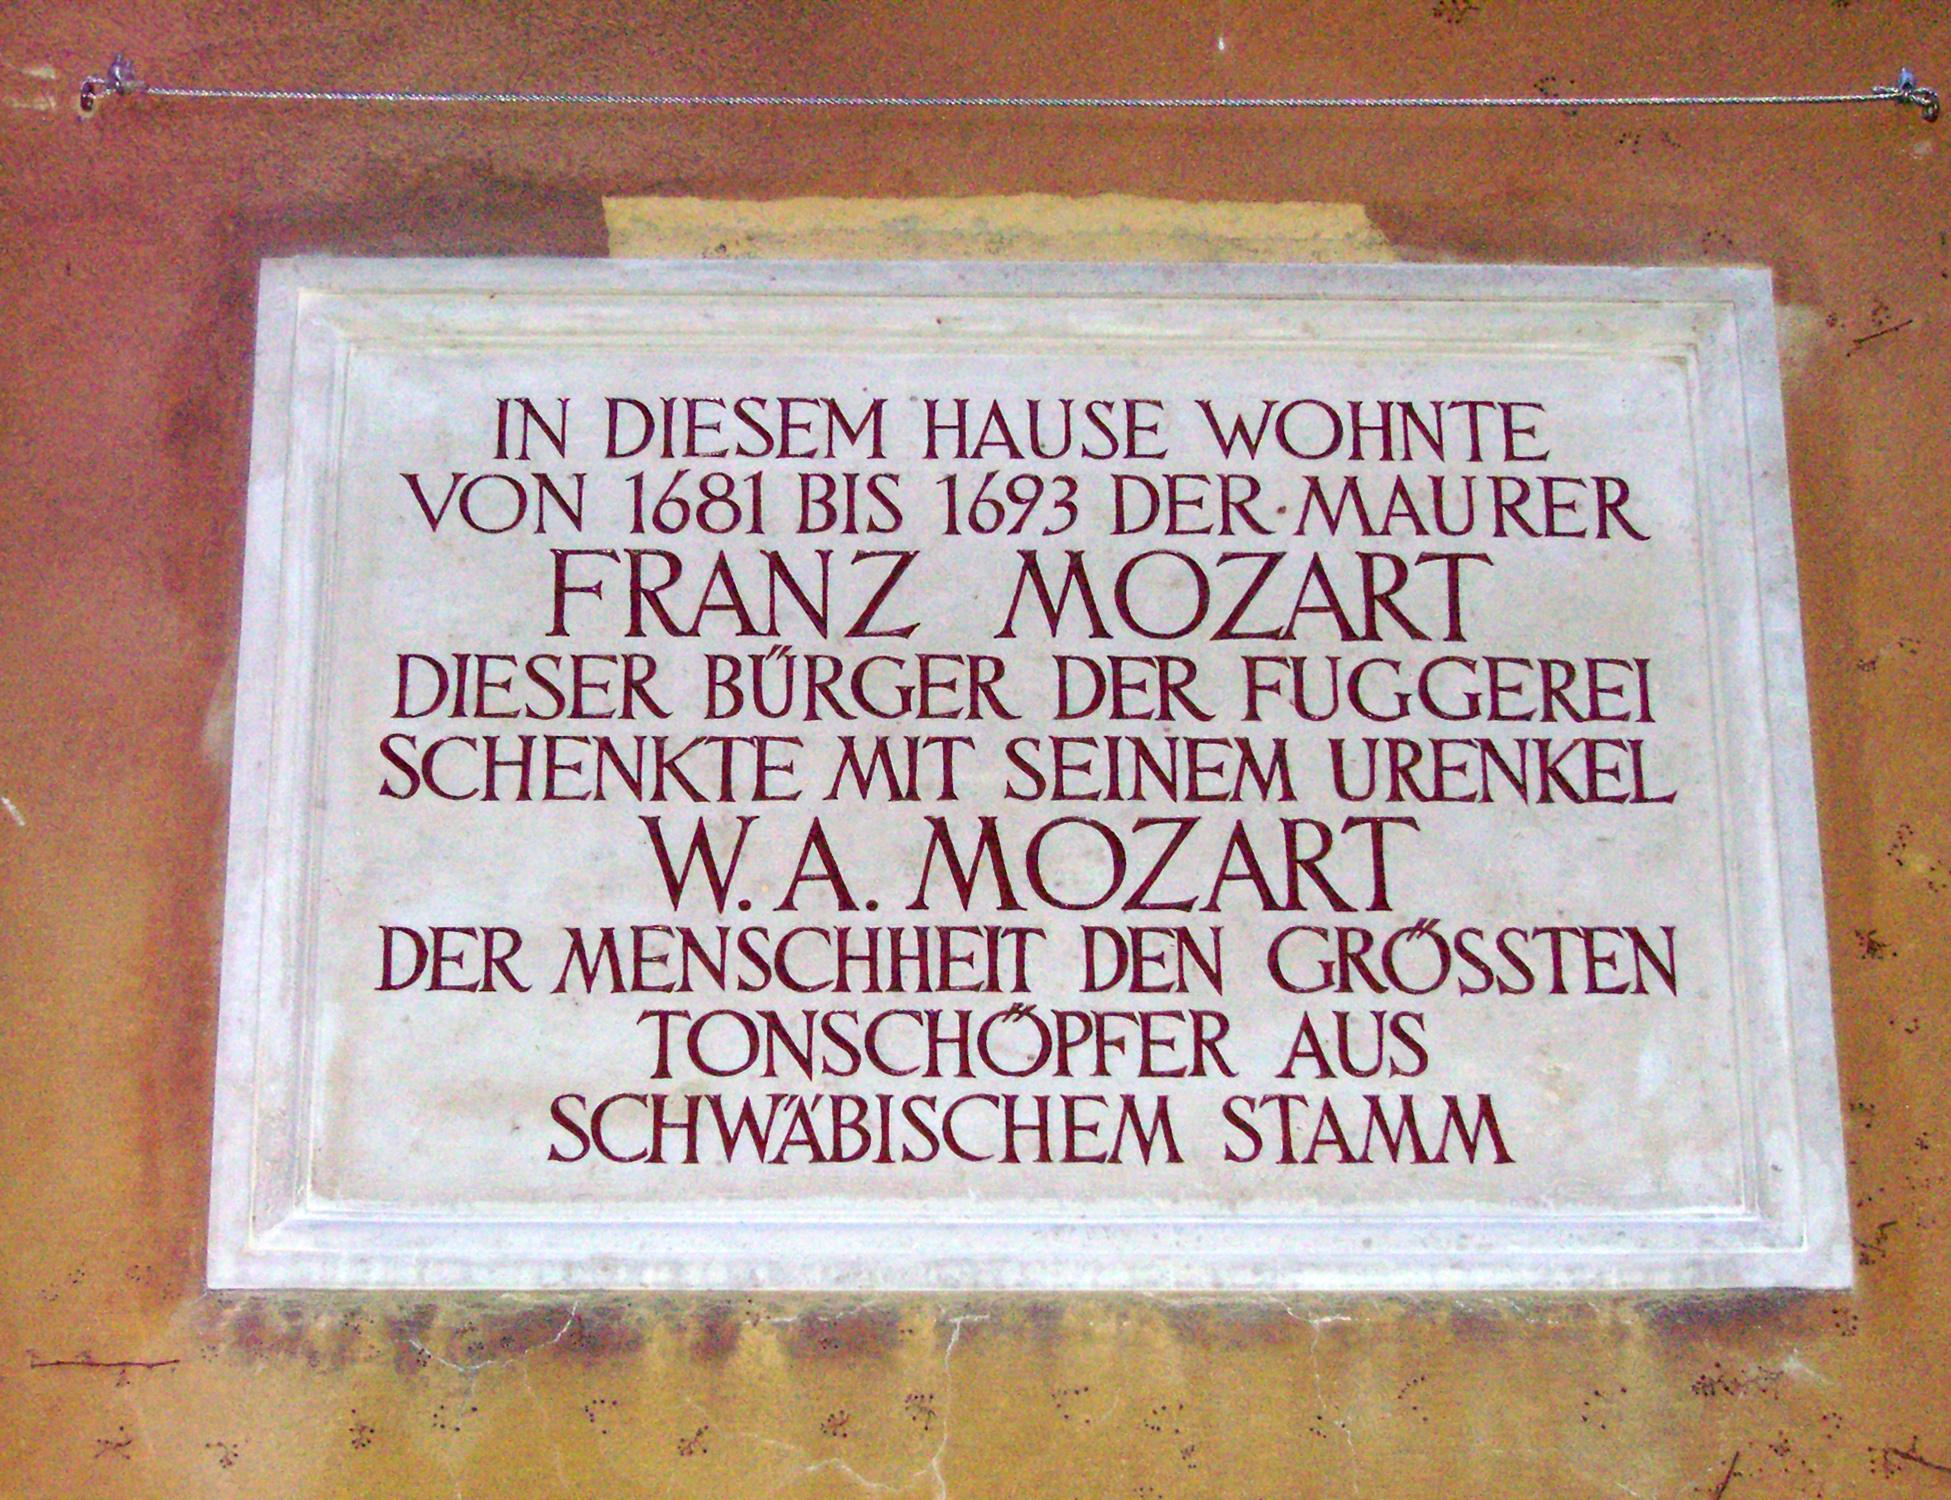 Franz Mozart Gedenktafel Fuggerei.jpg